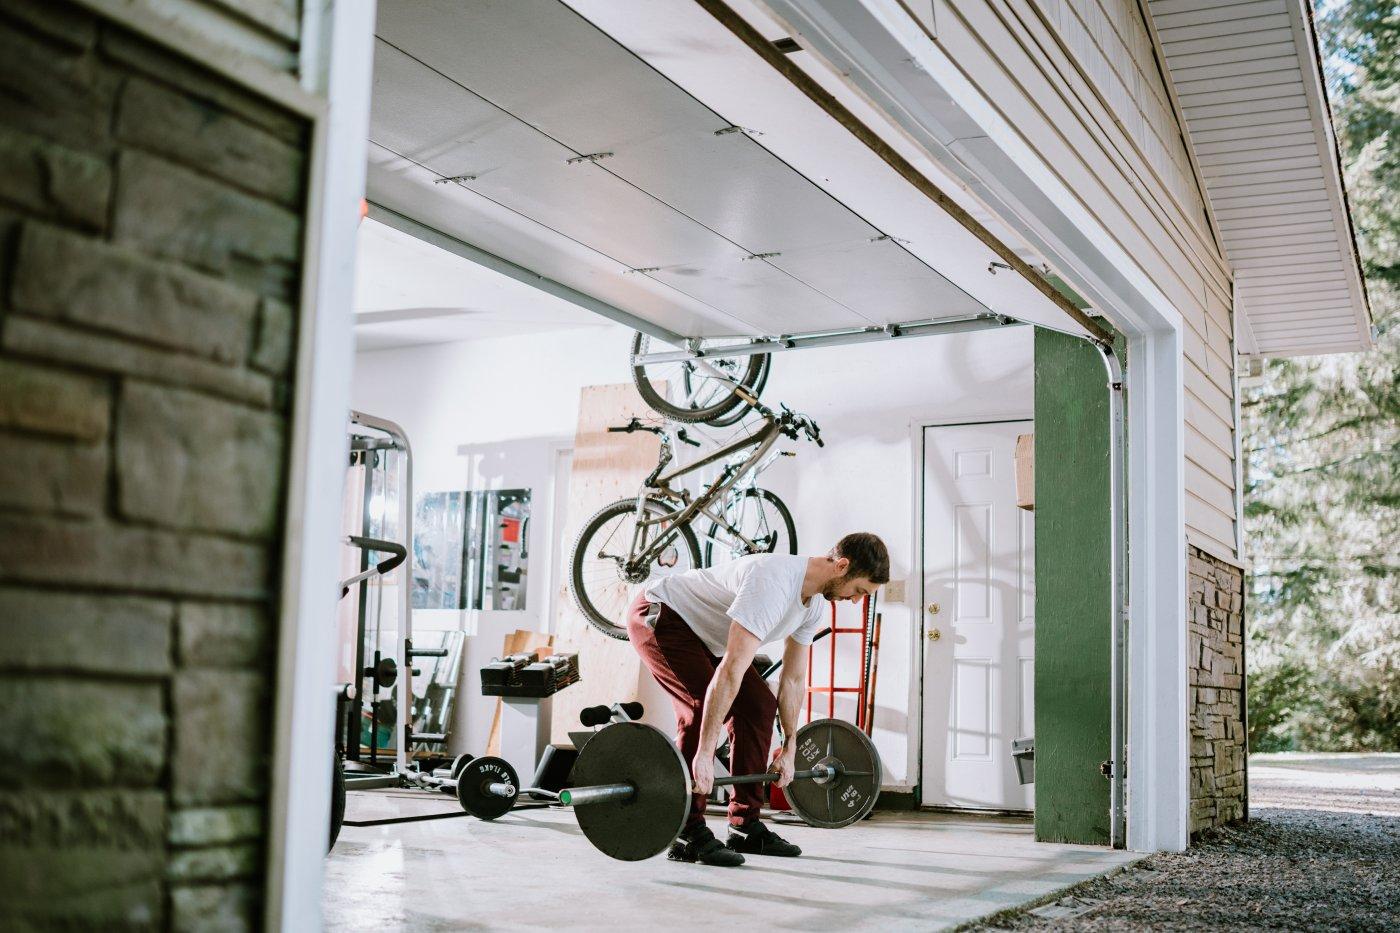 En mann trener i garasjen med garasjeporten åpen. Han løfter en vekstang, og i bakgrunnen henger det en sykkel på veggen, og ligger vektstenger på gulver.